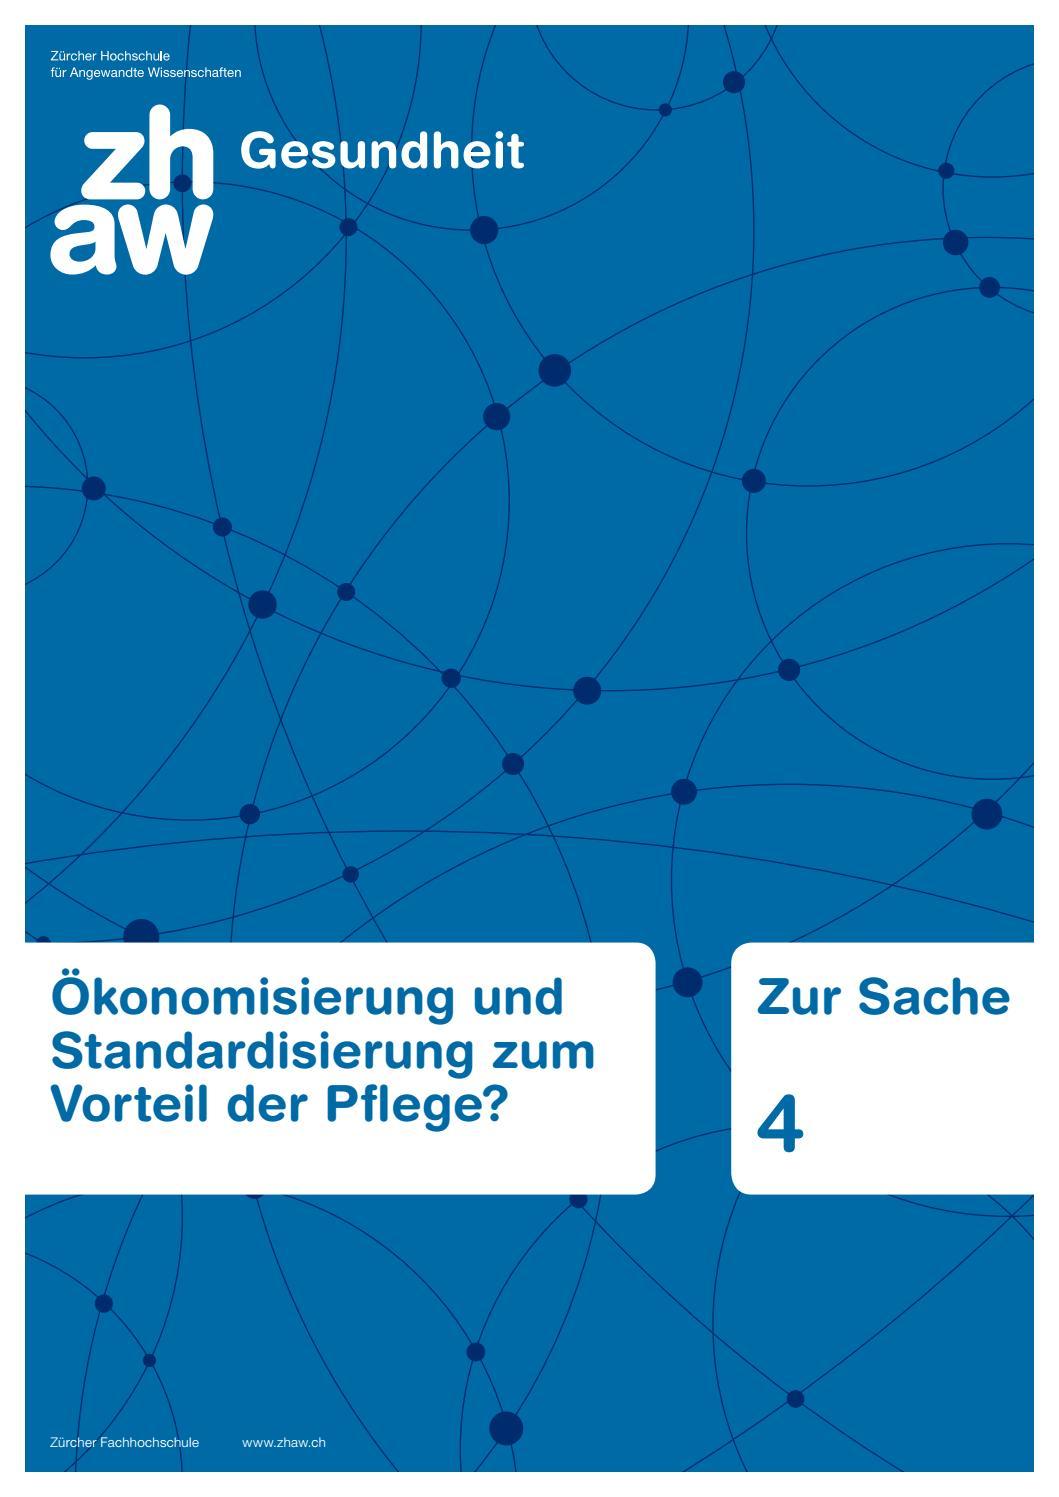 Themenmagazin zur Sache 4 by ZHAW Gesundheit - issuu